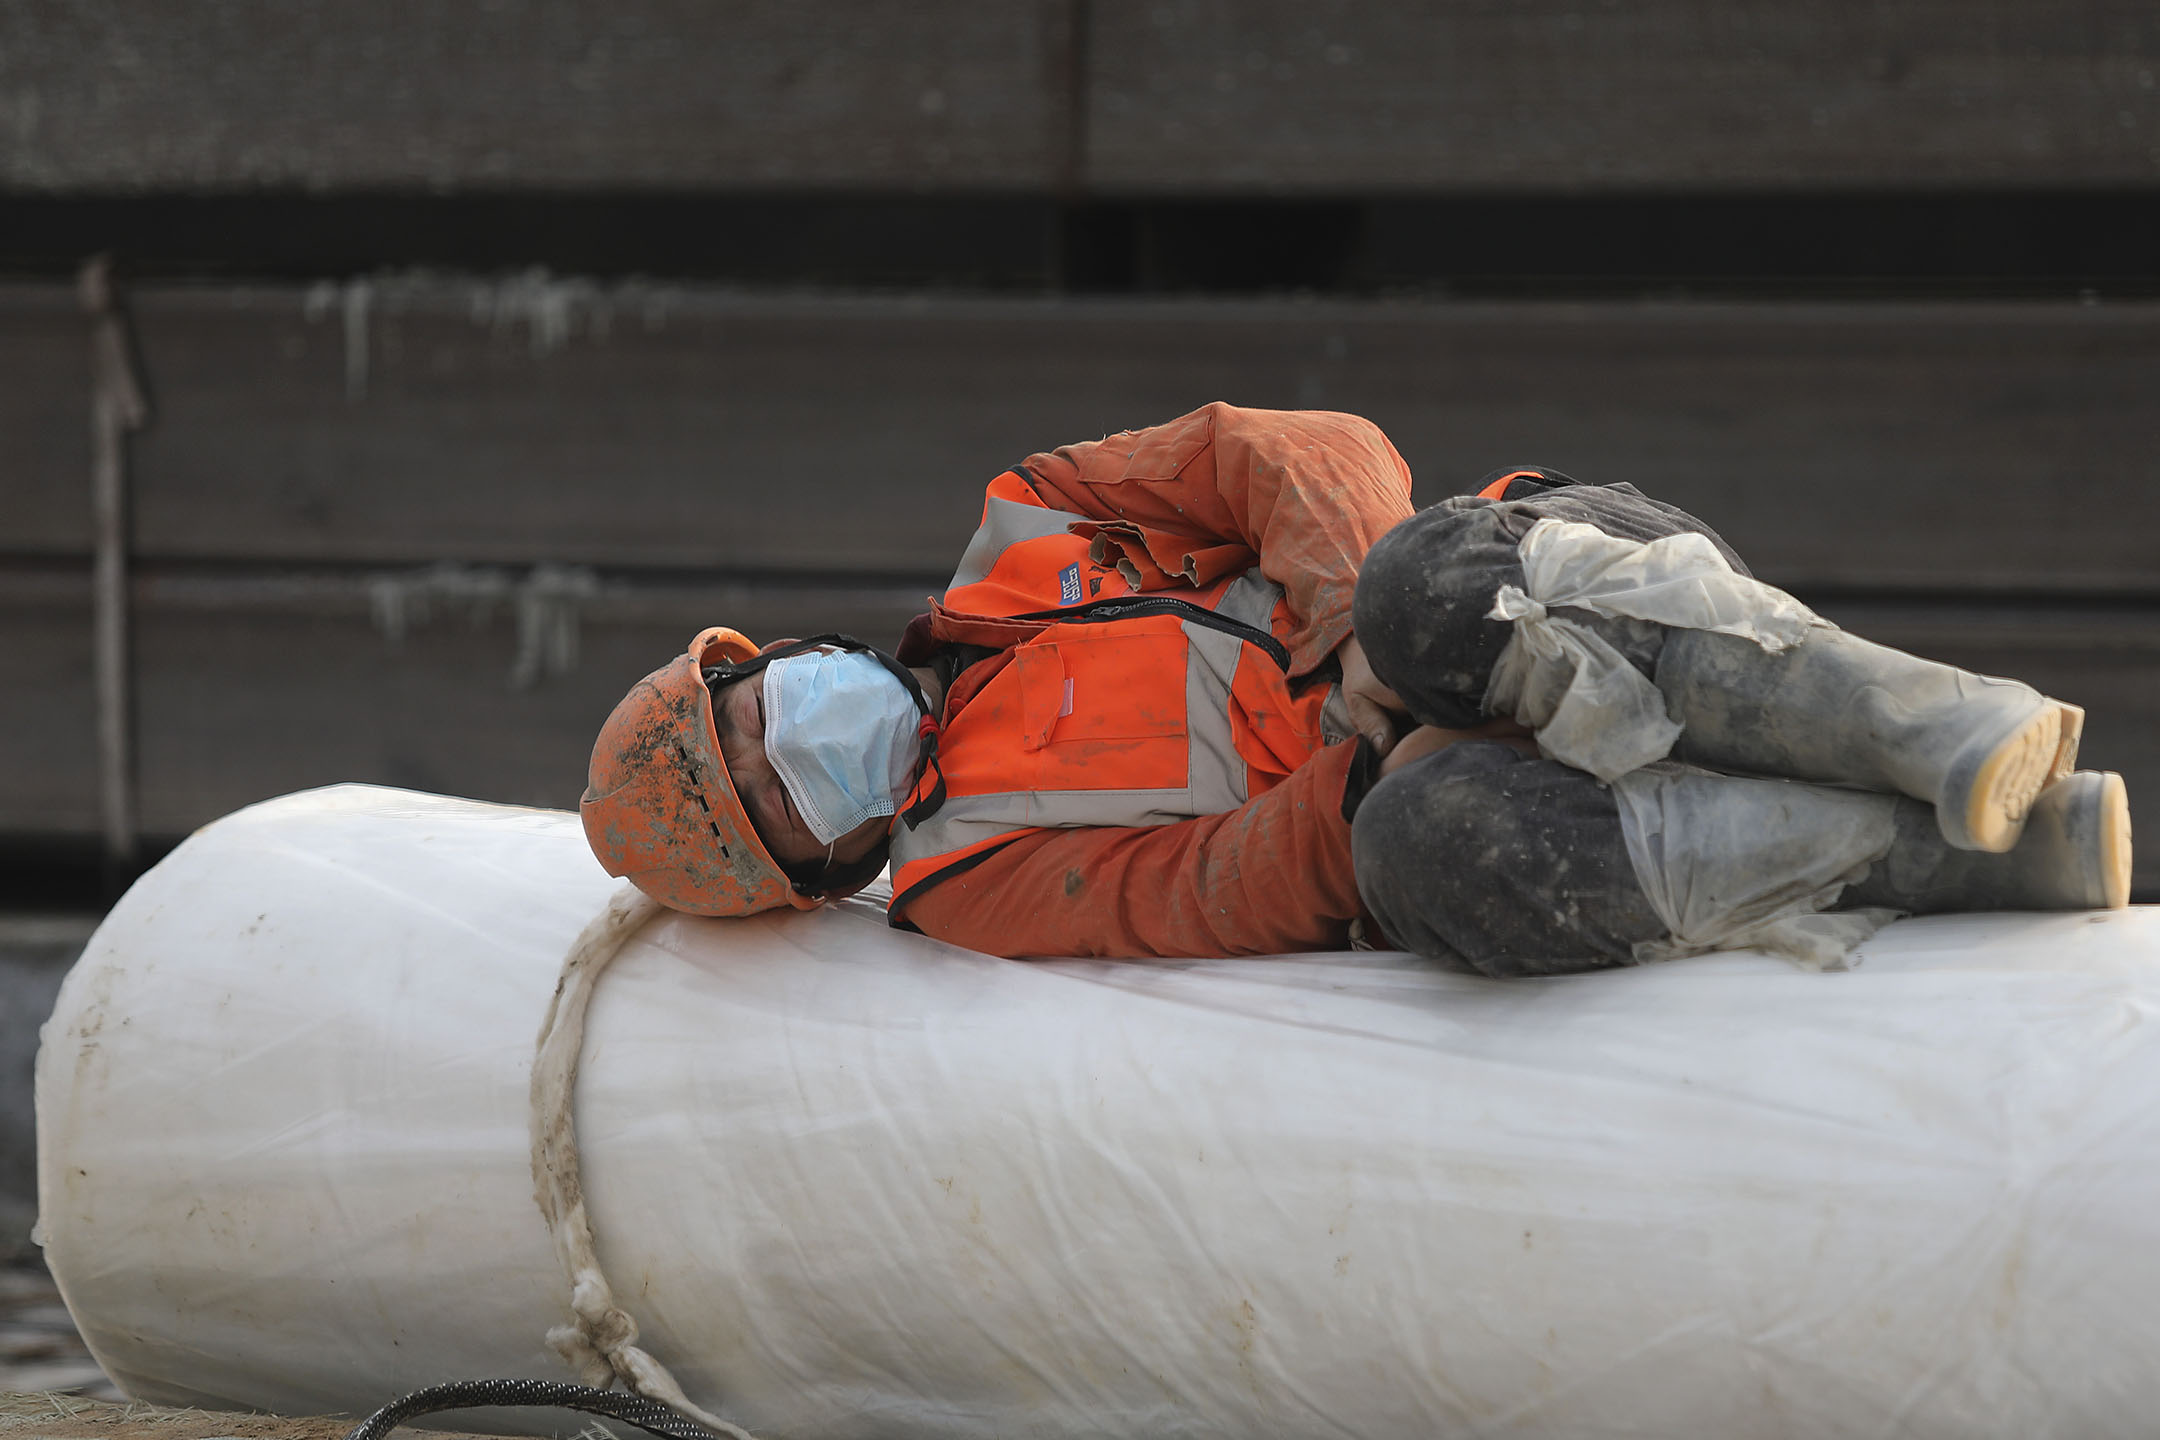 2020年1月28日中國武漢 ,一名建築工人正在休息。